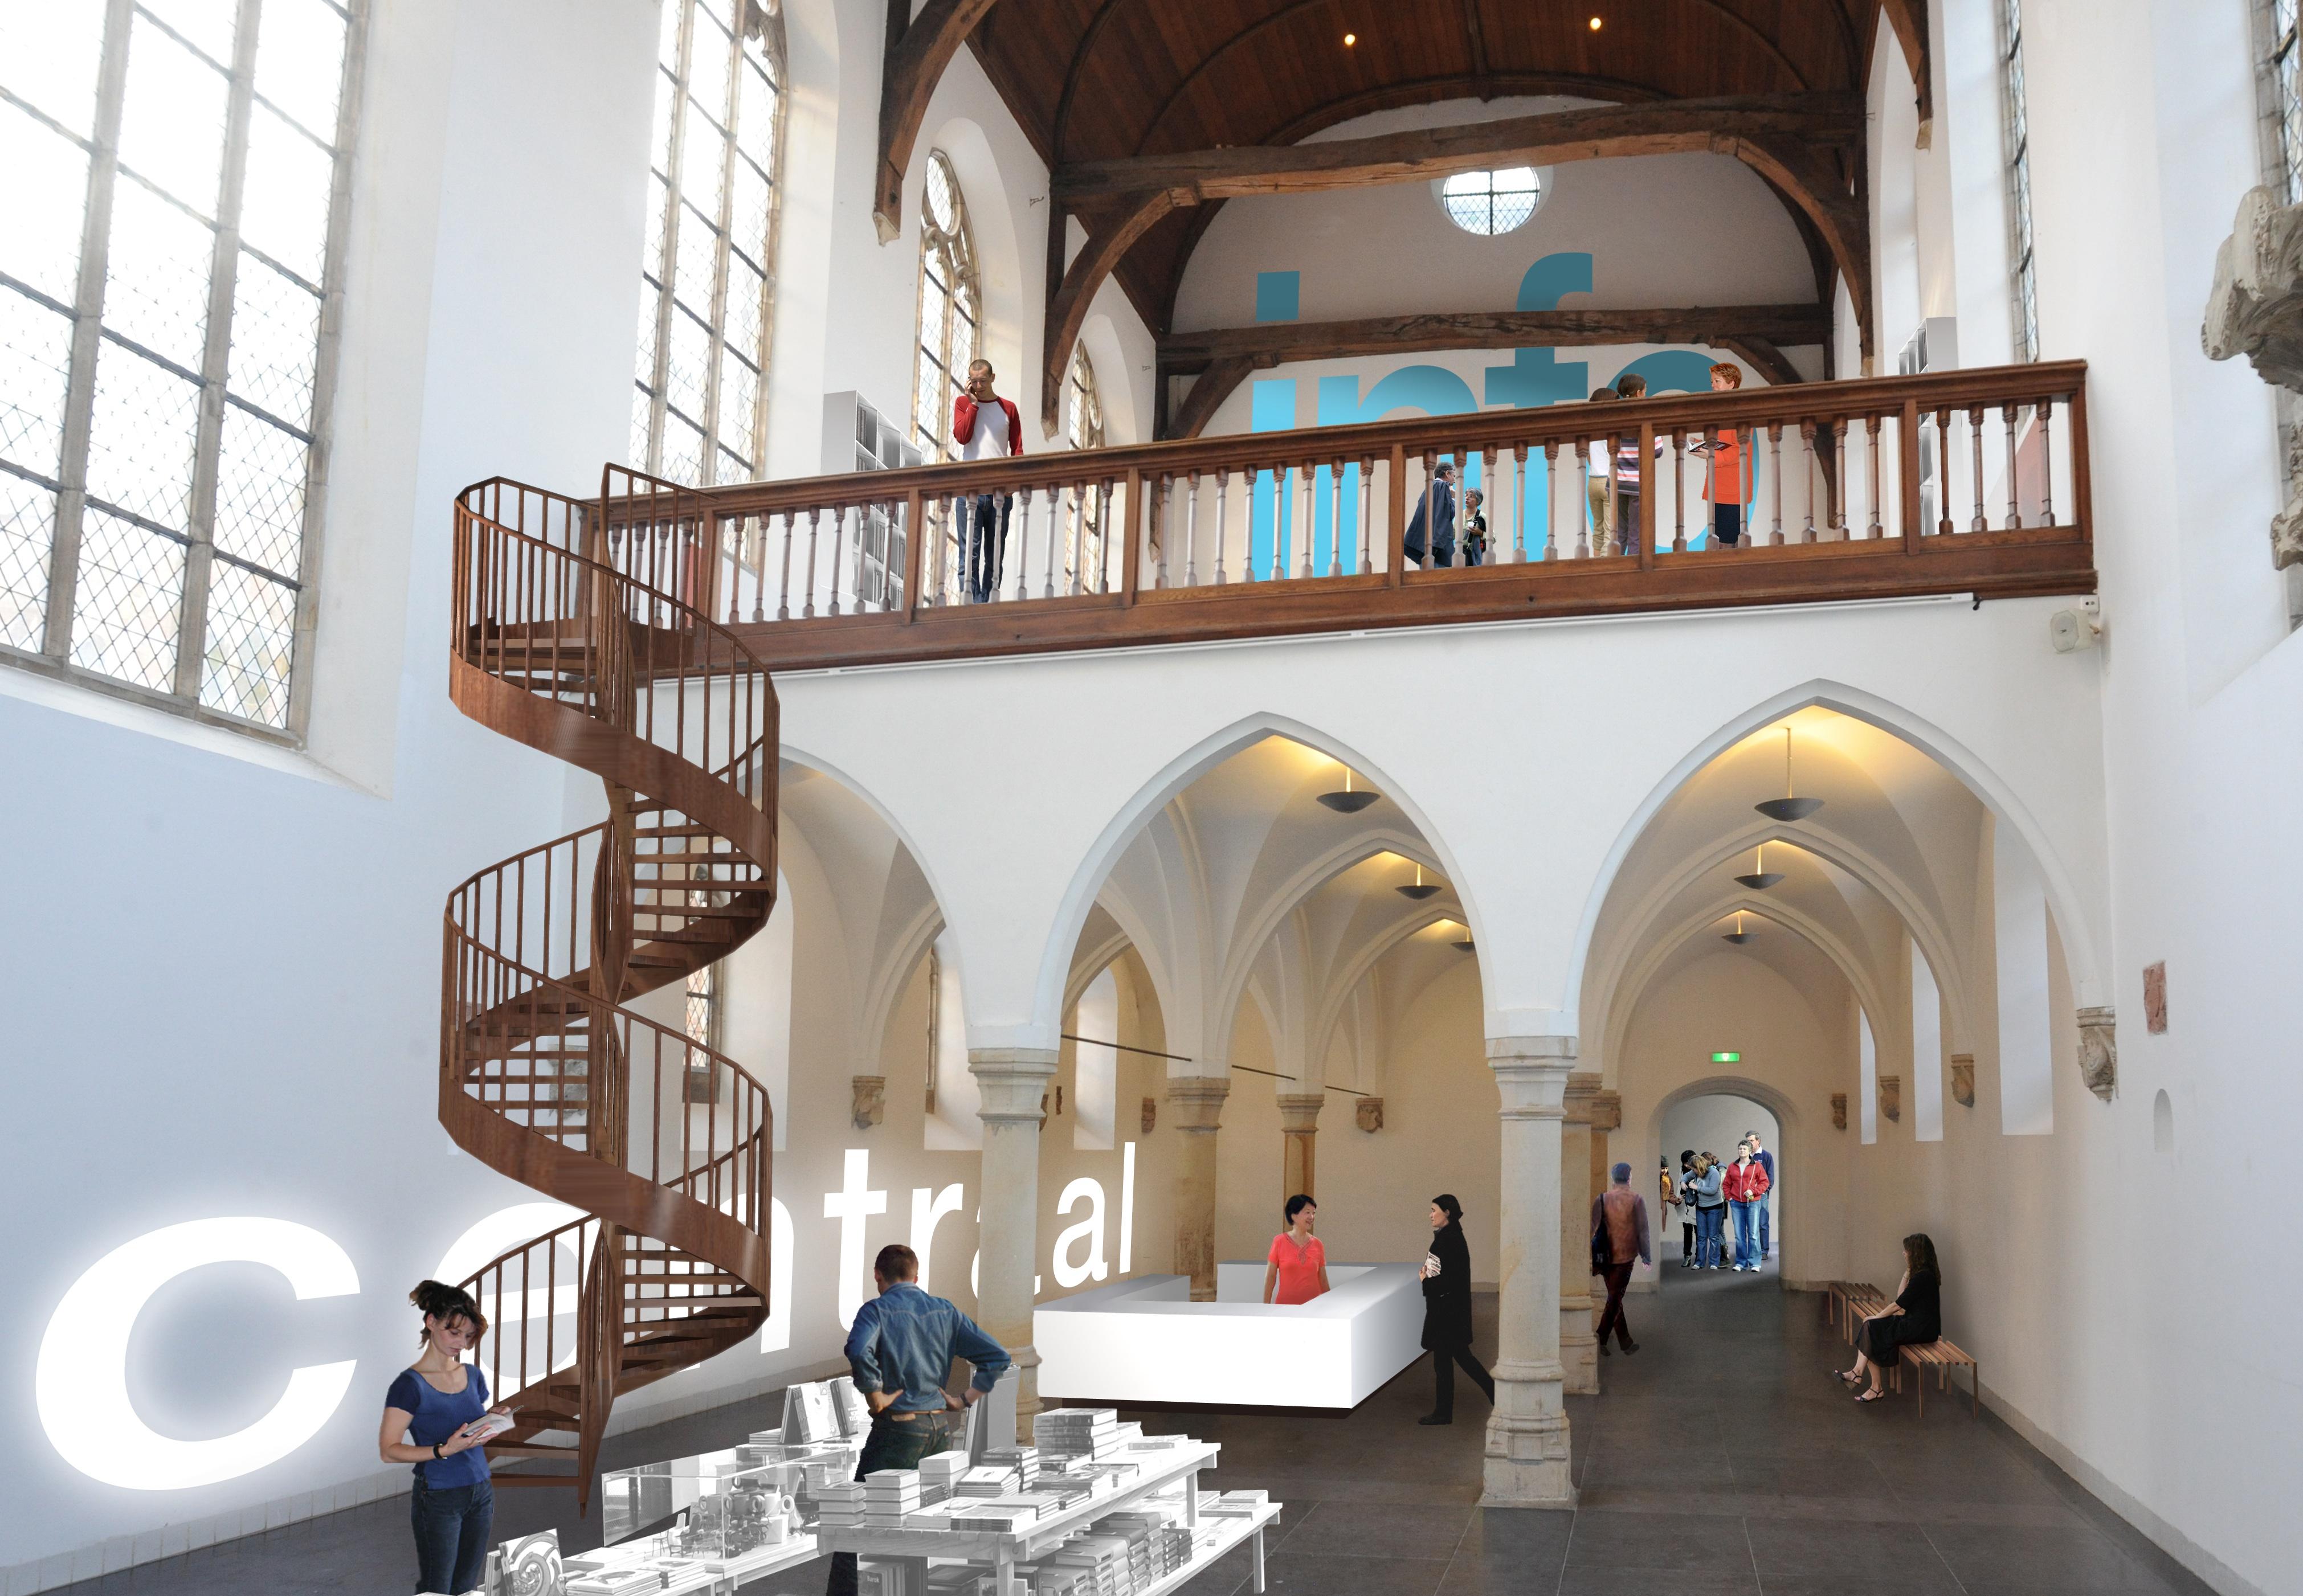 Genoeg Verbouwing Centraal Museum Utrecht van start - De Architect &JY72